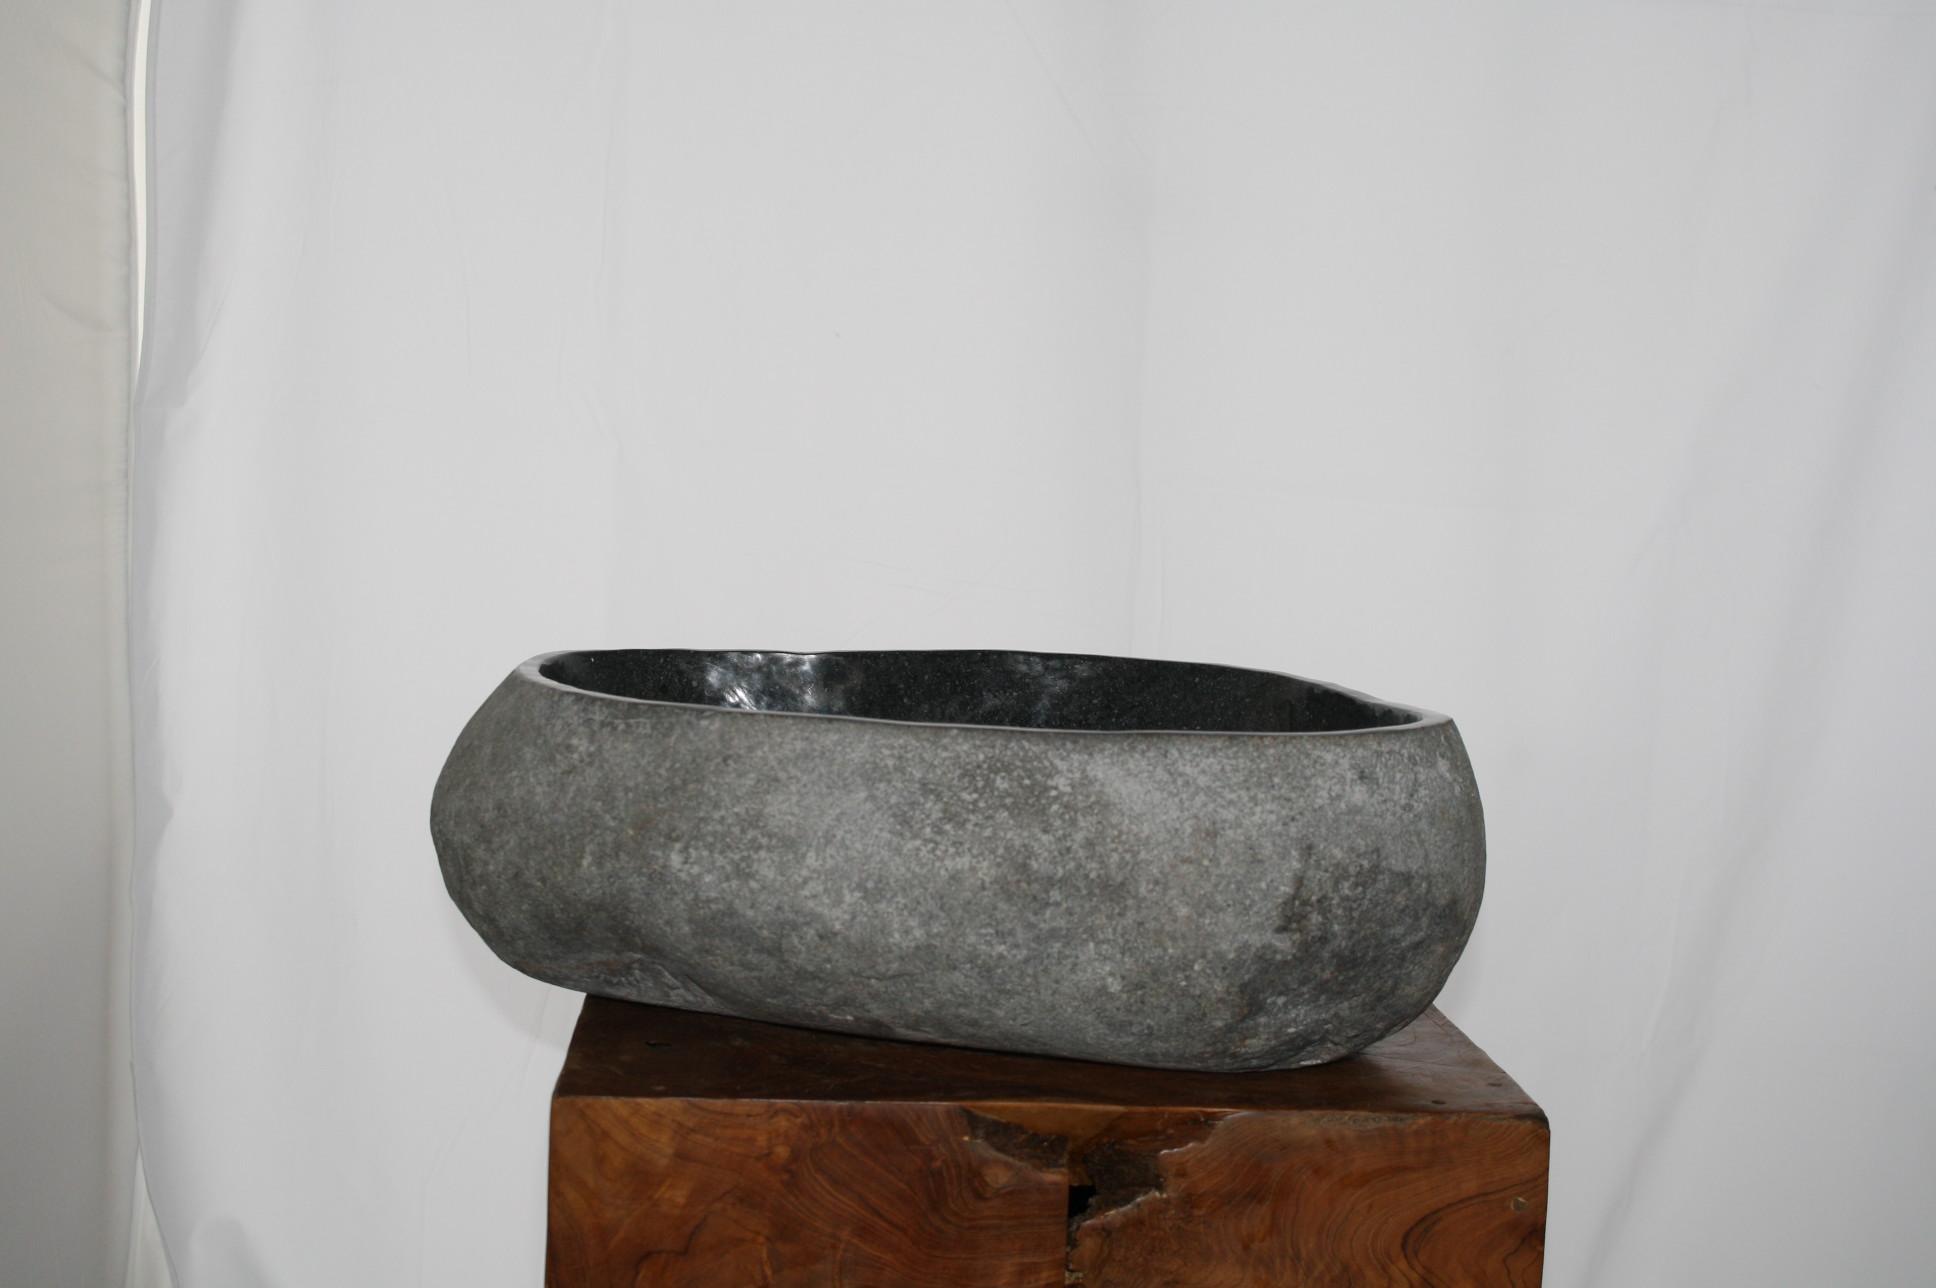 naturstein waschbecken findling waschtisch  ~ Waschbecken Naturstein Findling